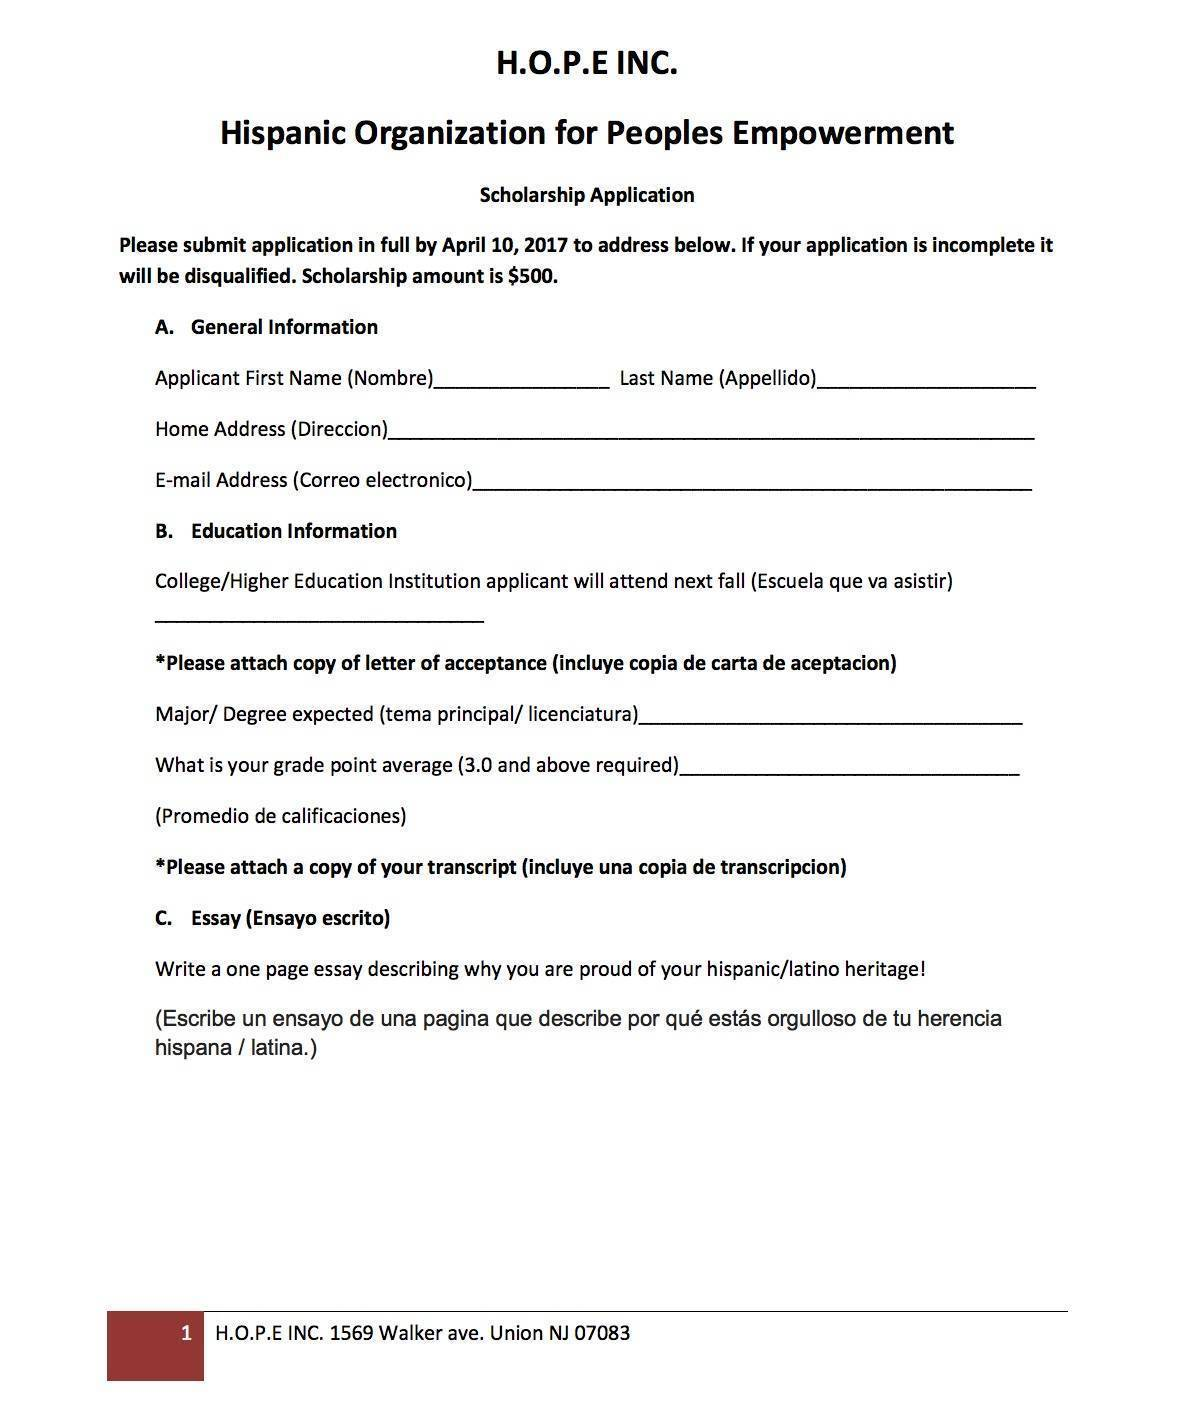 45f49e4267c395b316f9_77e3b57f6e0d484eb3cc_HOPE_Scholarship_form.jpg